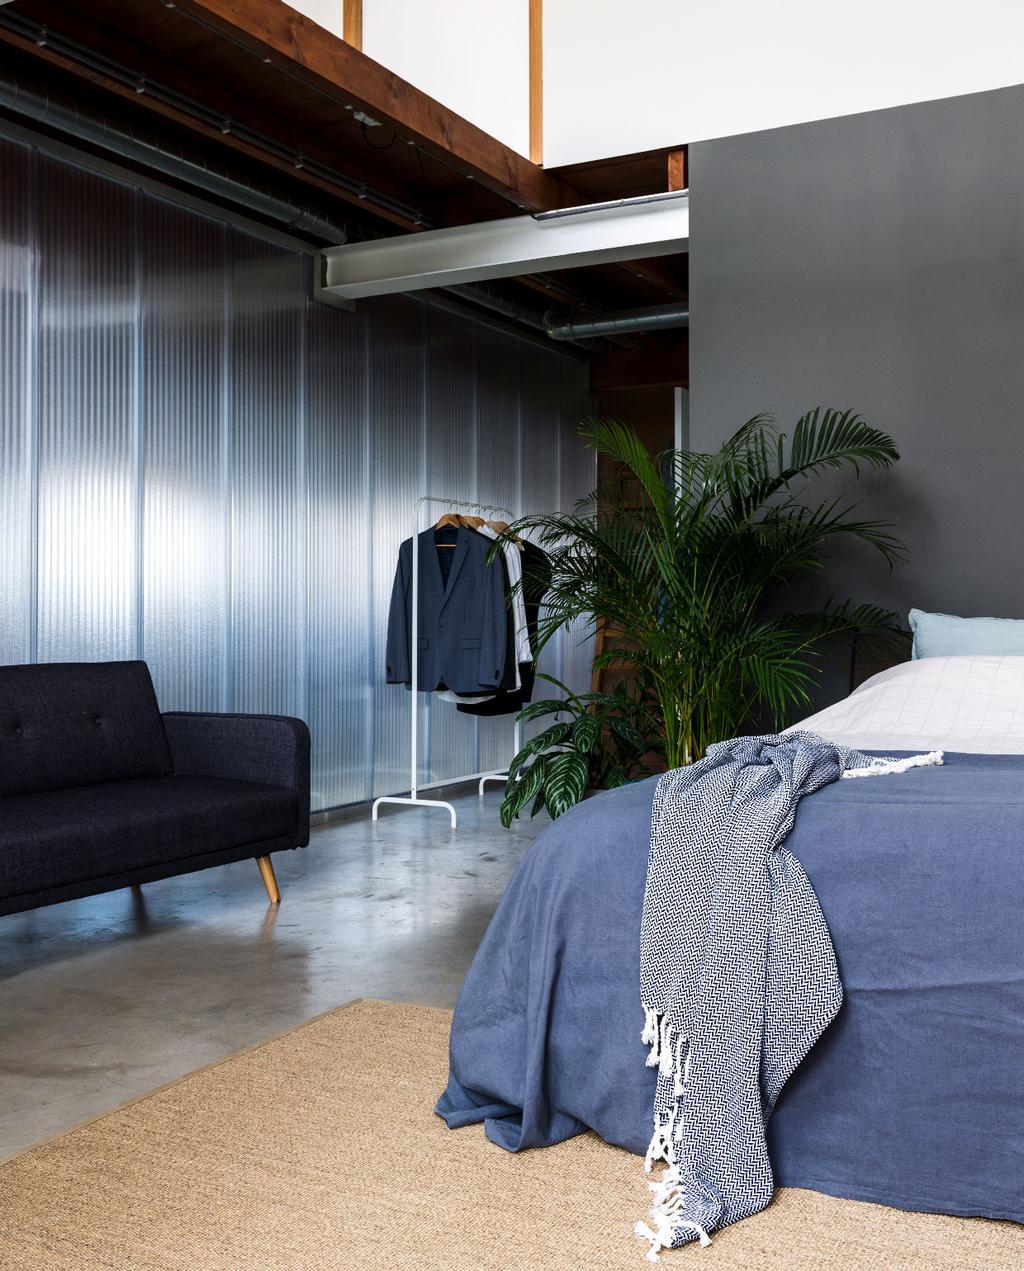 vtwonen binnenkijken weert | modern nieuwbouwhuis slaapkamer met plexiglas muren en denimblauw beddengoed